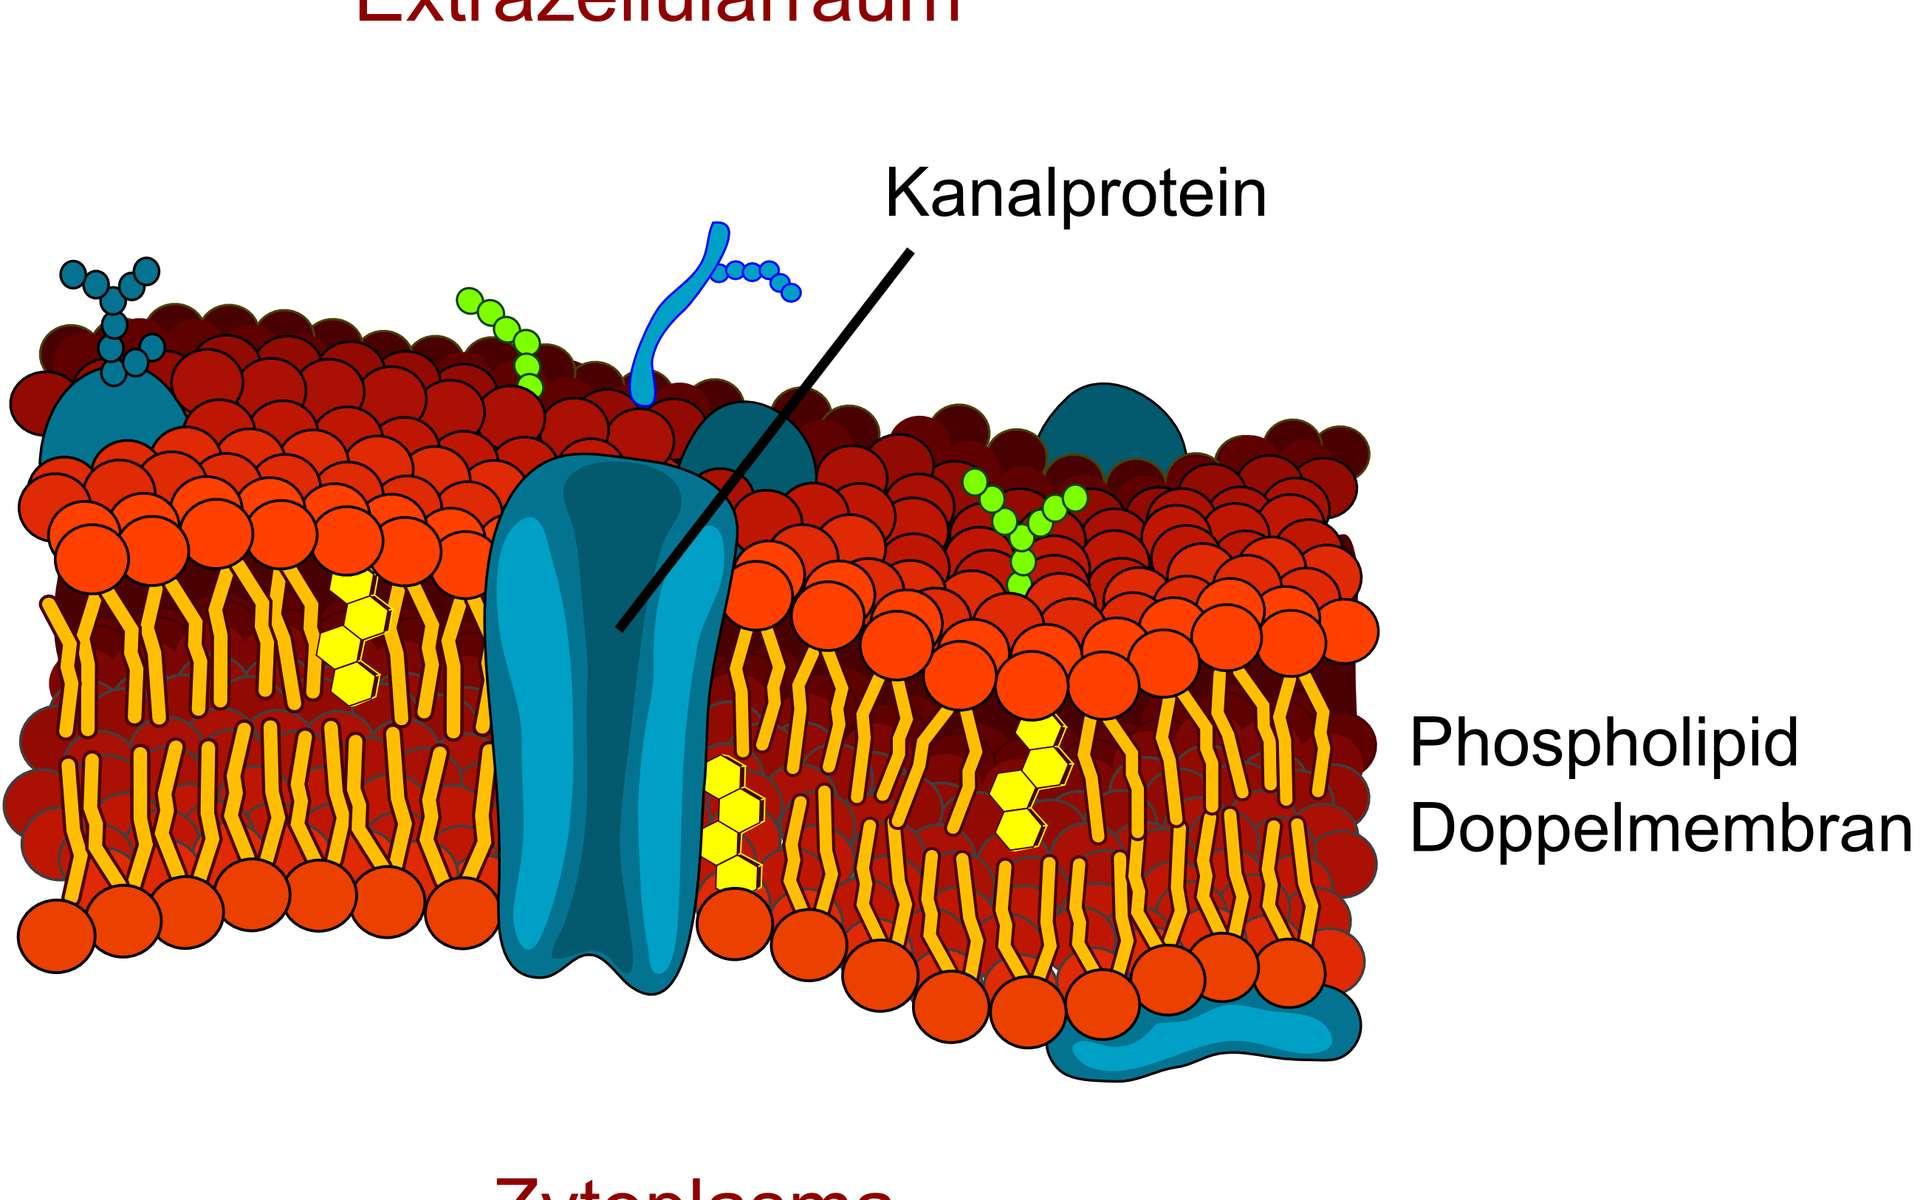 Schéma de l'organisation de la membrane plasmique d'une cellule eucaryote : milieu extracellulaire (Extrazellularraum), cytoplasme (Zytoplasma), protéine canal (Kanalprotein) et phospholipides (Phospholipid Doppelmembran). © LadyofHats, Wikimedia Commons, DP